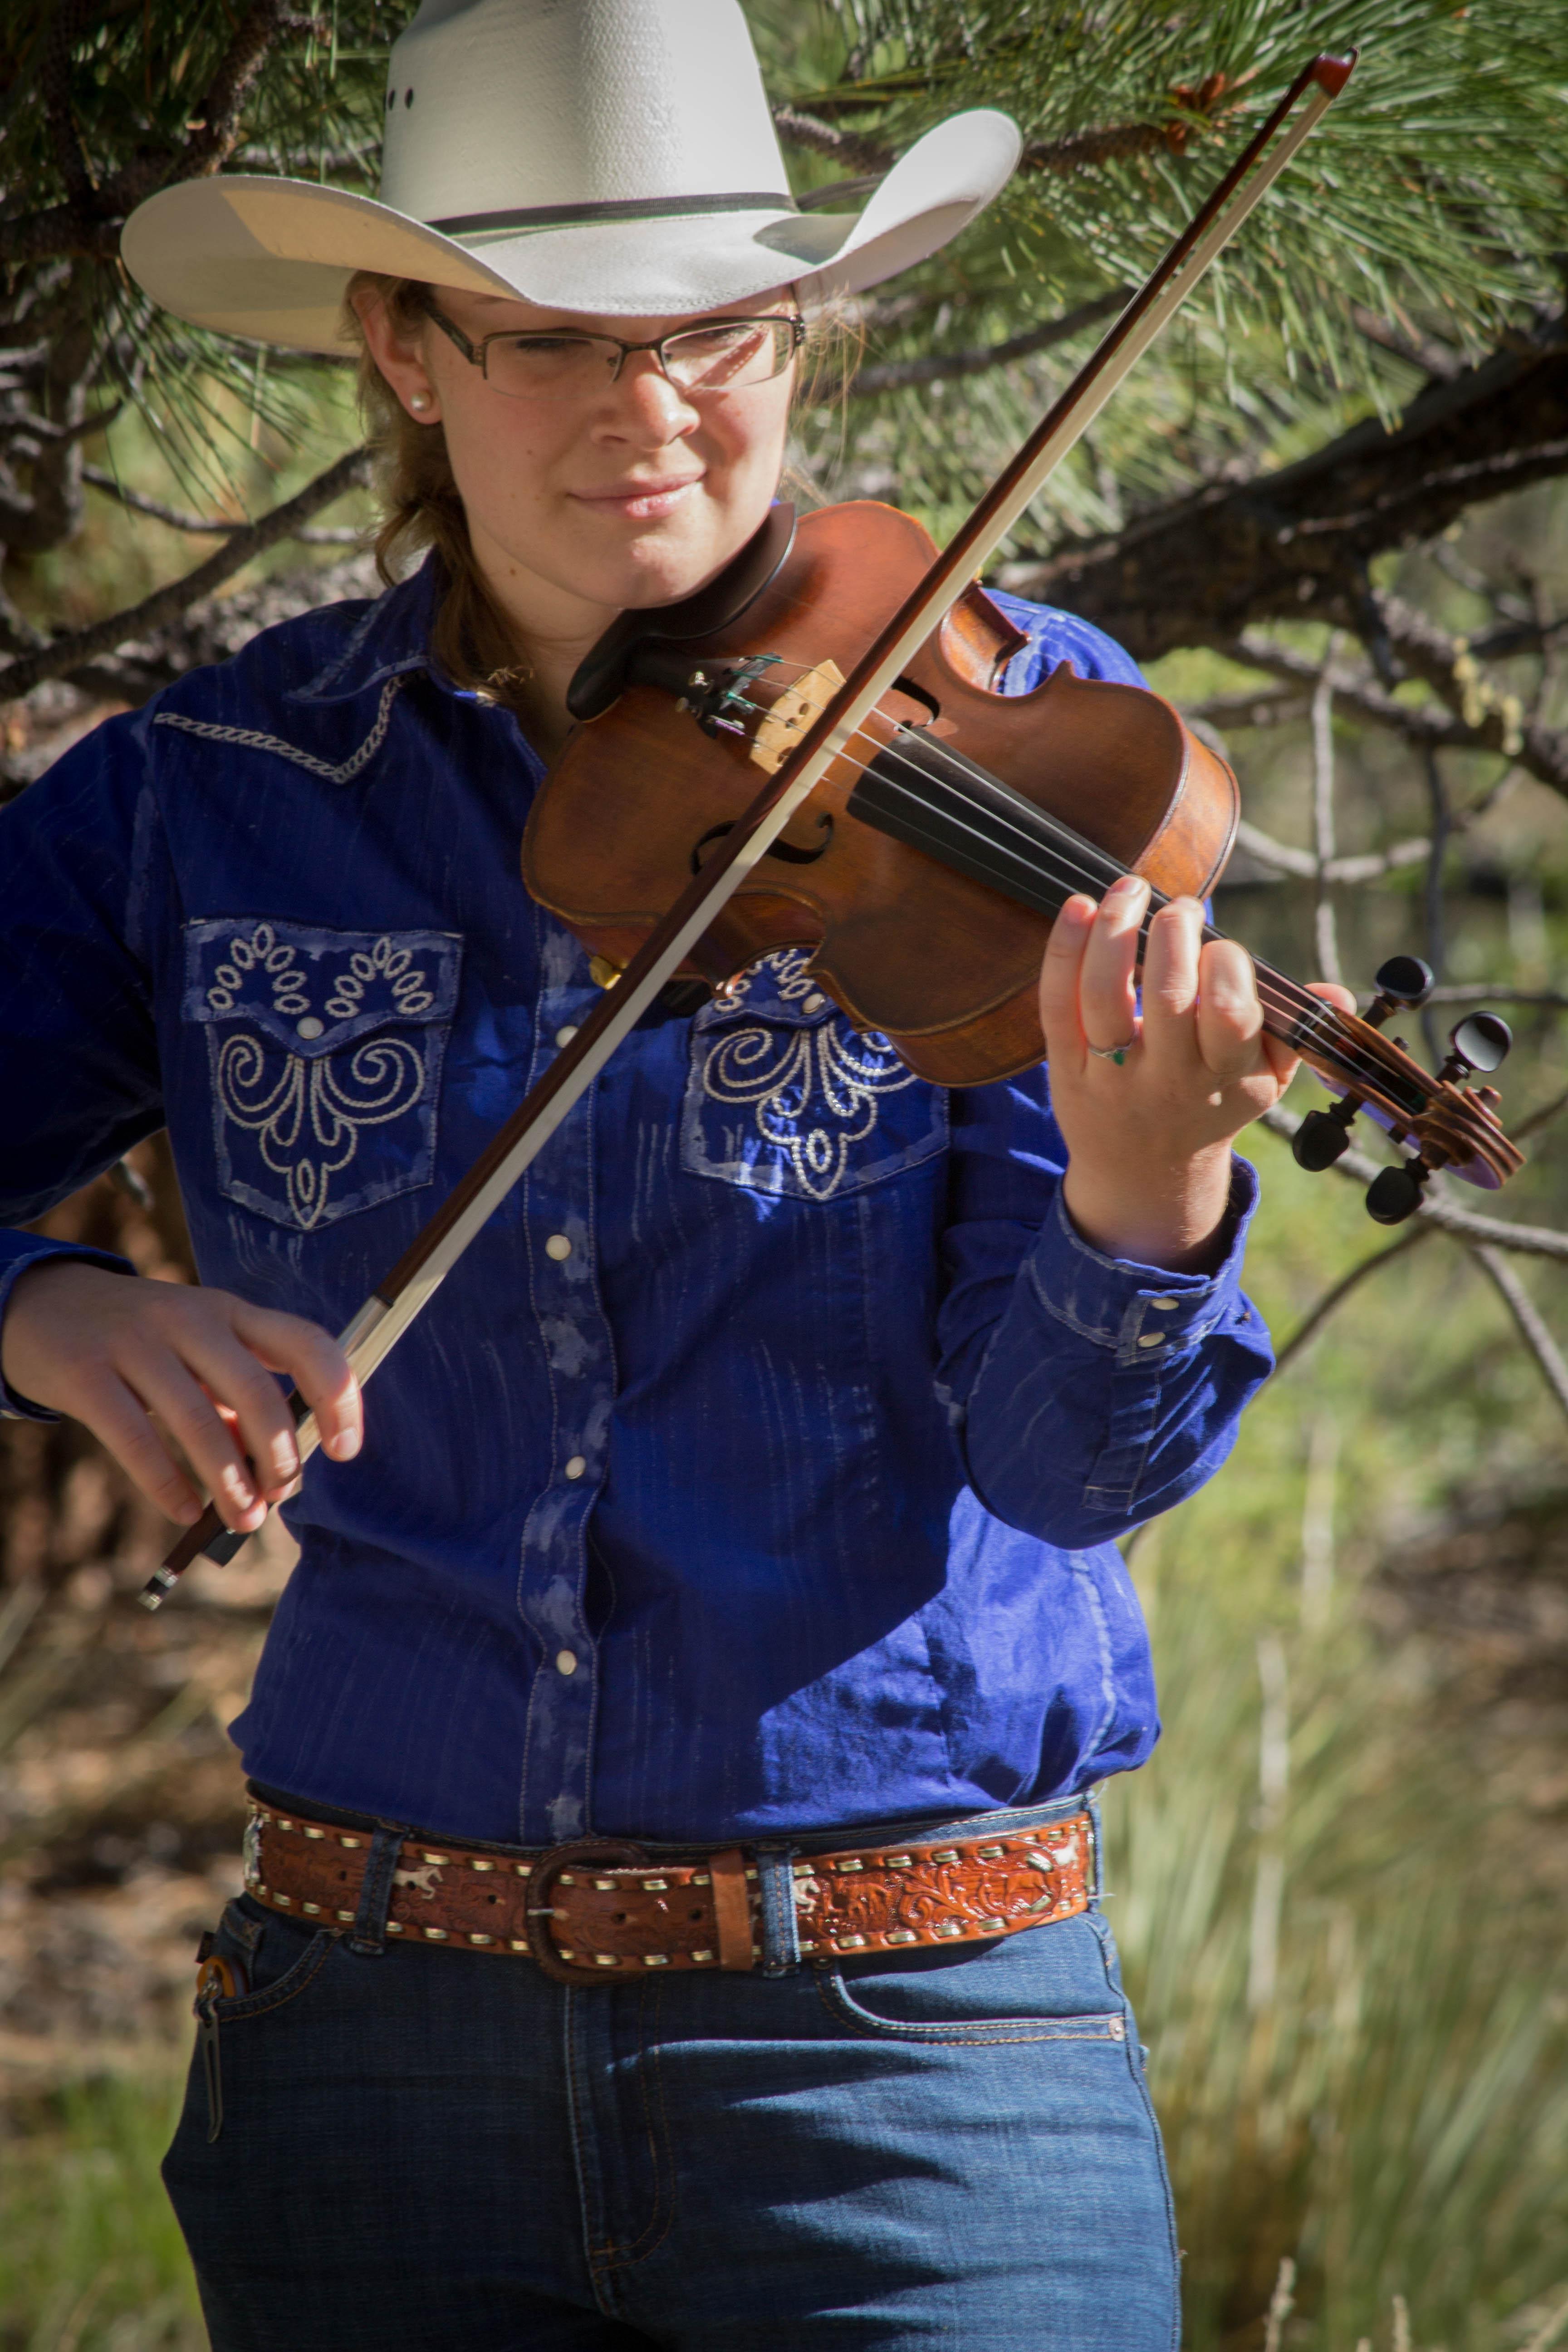 violin-playing-deer-valley.jpg